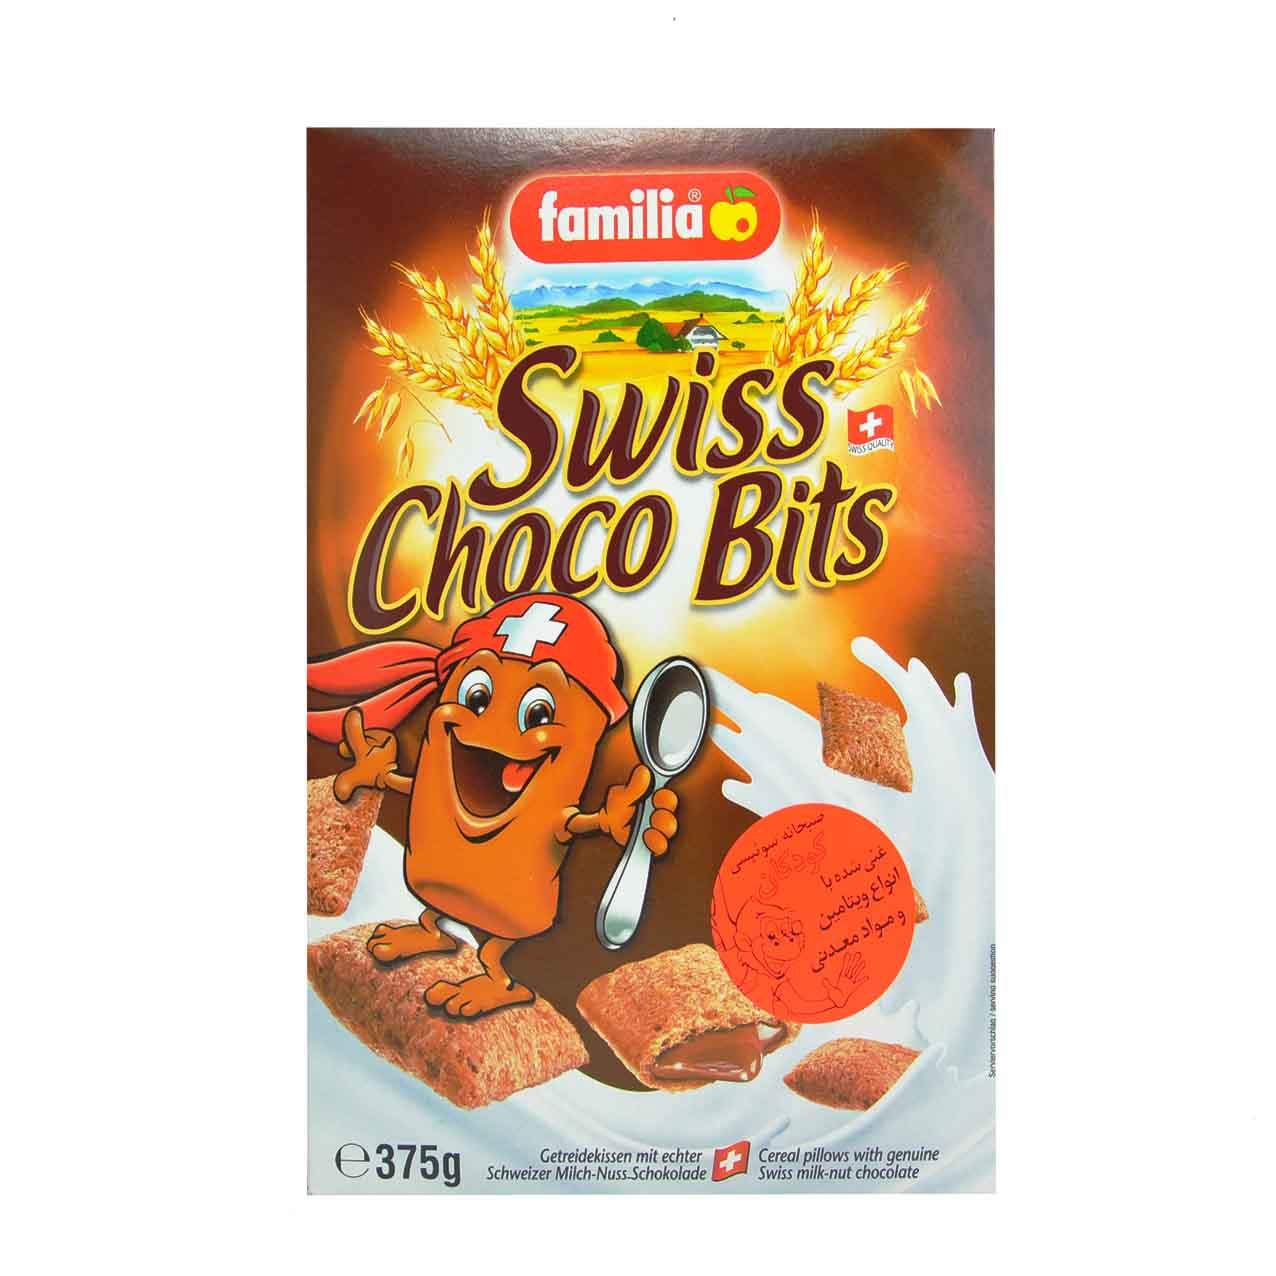 غلات صبحانه شکلاتی شوکوبیتز فامیلیا – familia